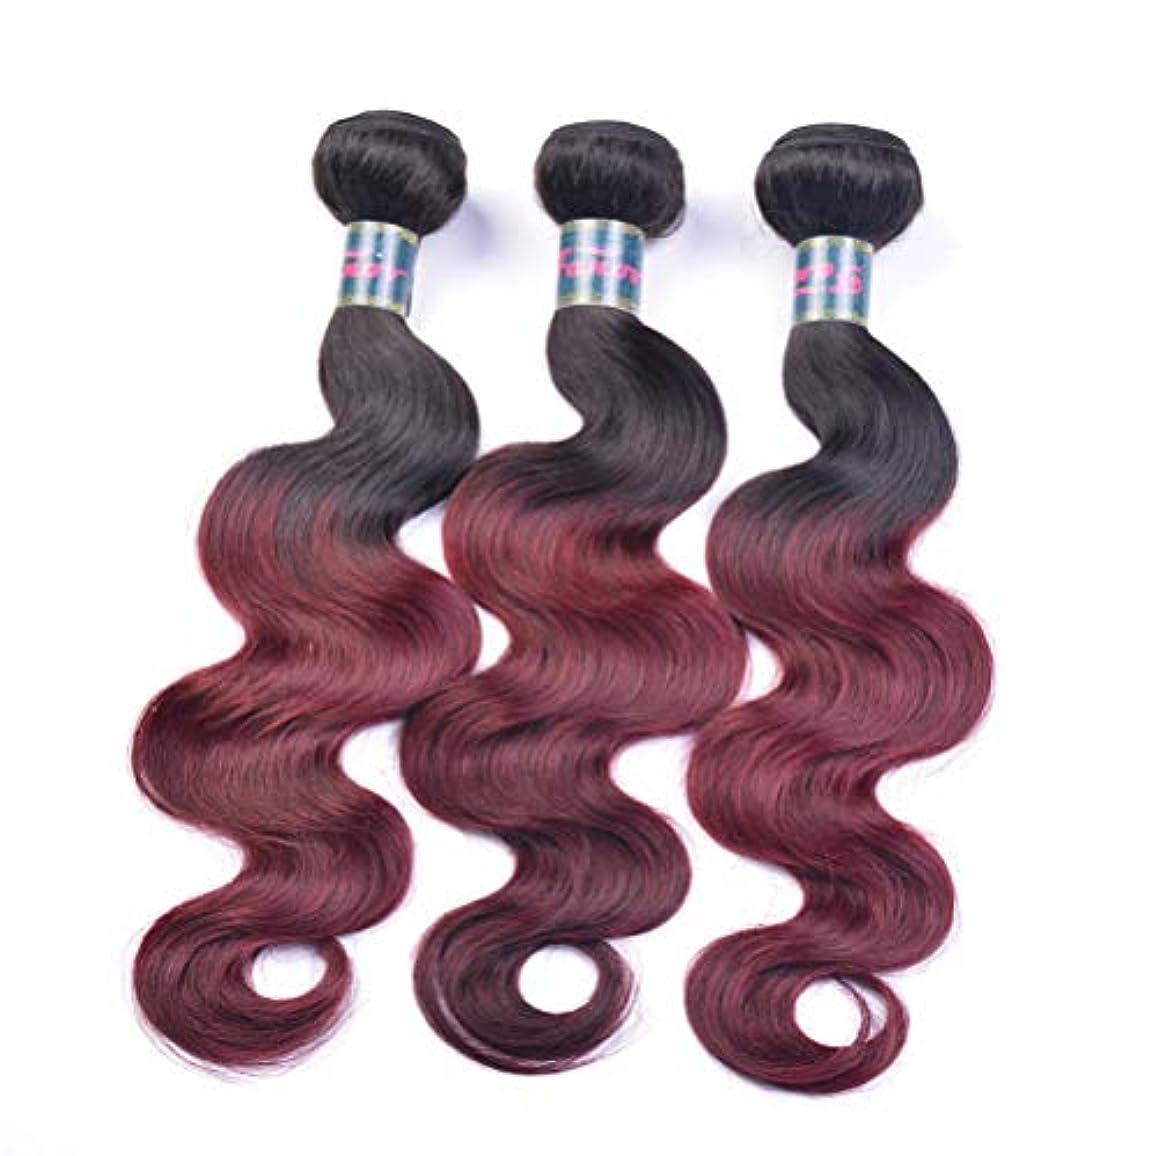 弁護入場料規制女性130%密度ブラジルの髪織り髪バンドル実体波1バンドル髪バンドル実体波人間の髪の毛のグラデーション